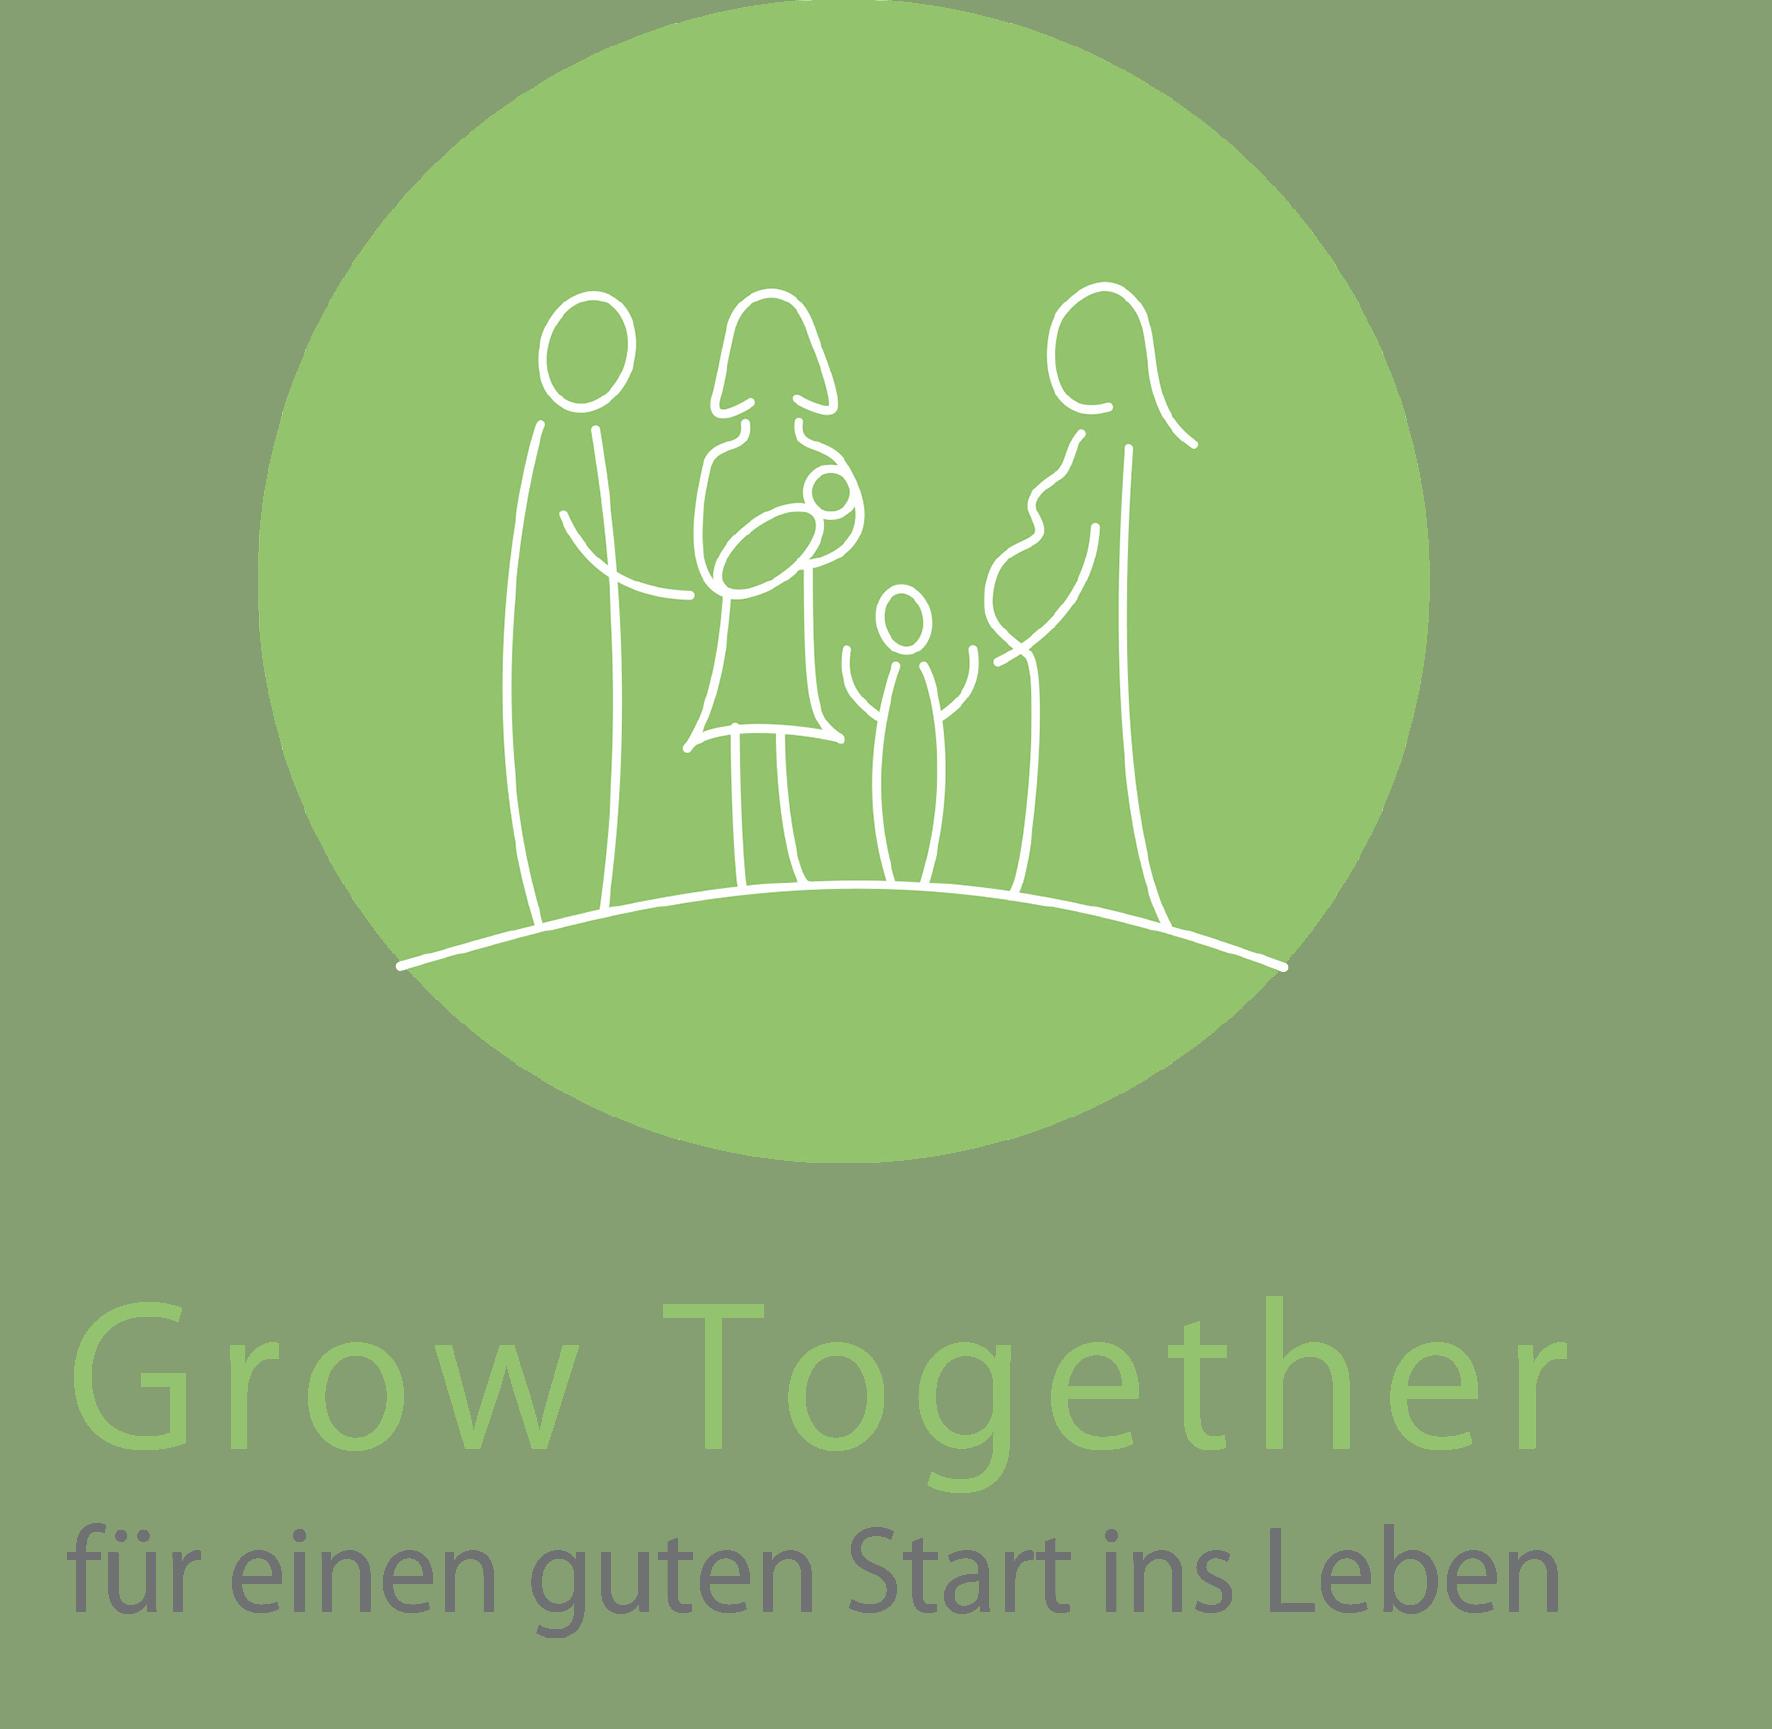 Grow Together. Für einen guten Start ins Leben